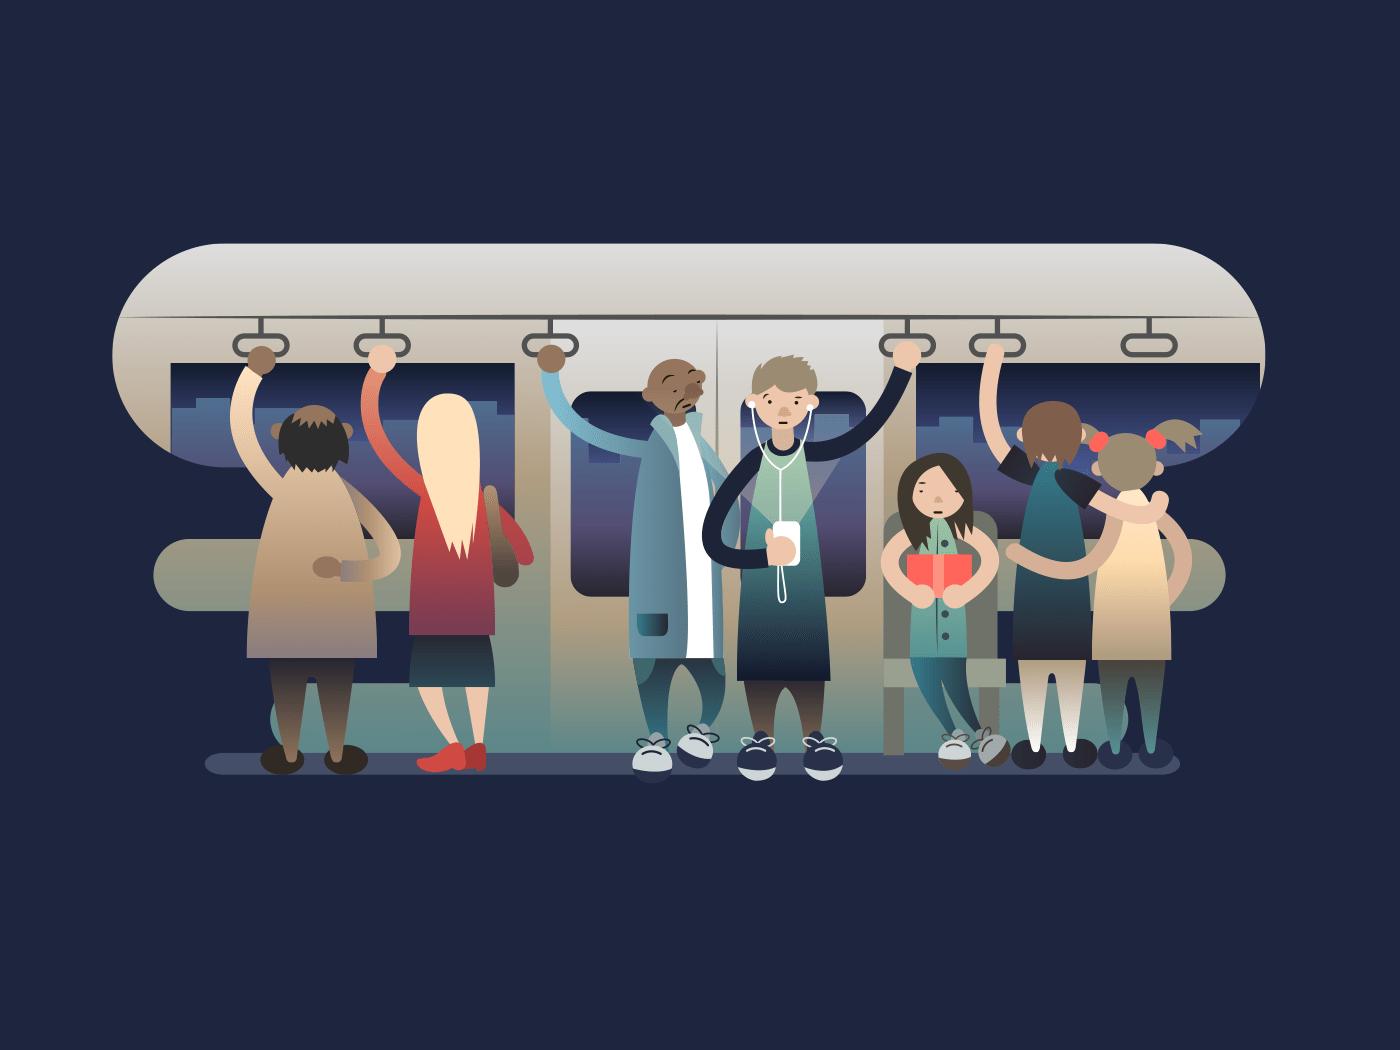 Onlookers passengers in trasport illustration